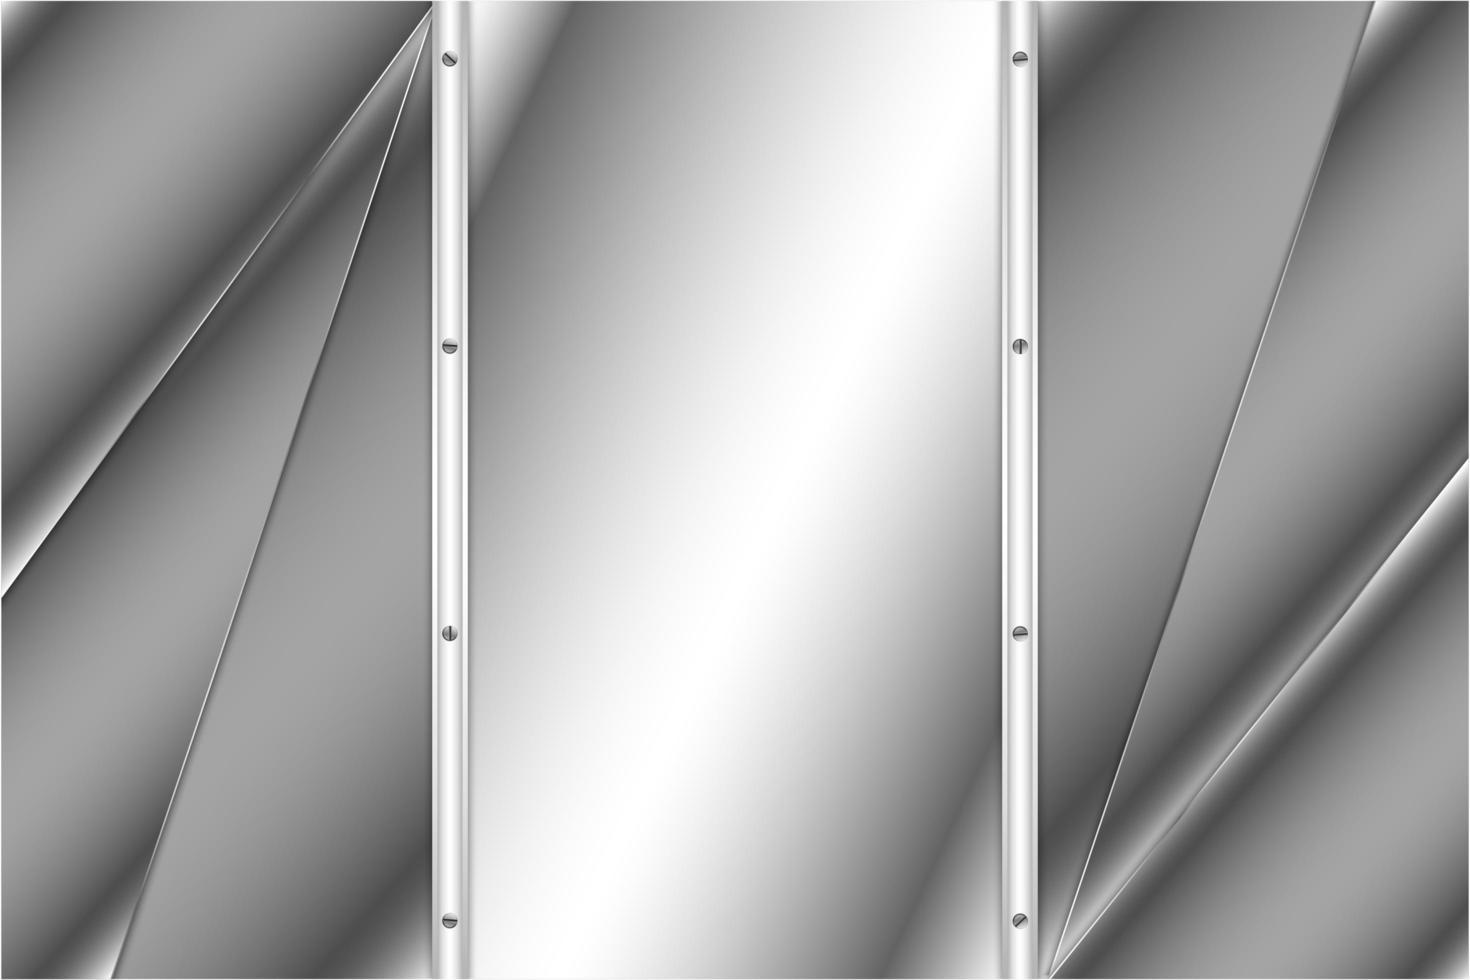 Diseño moderno de metal de lujo plateado metálico. vector